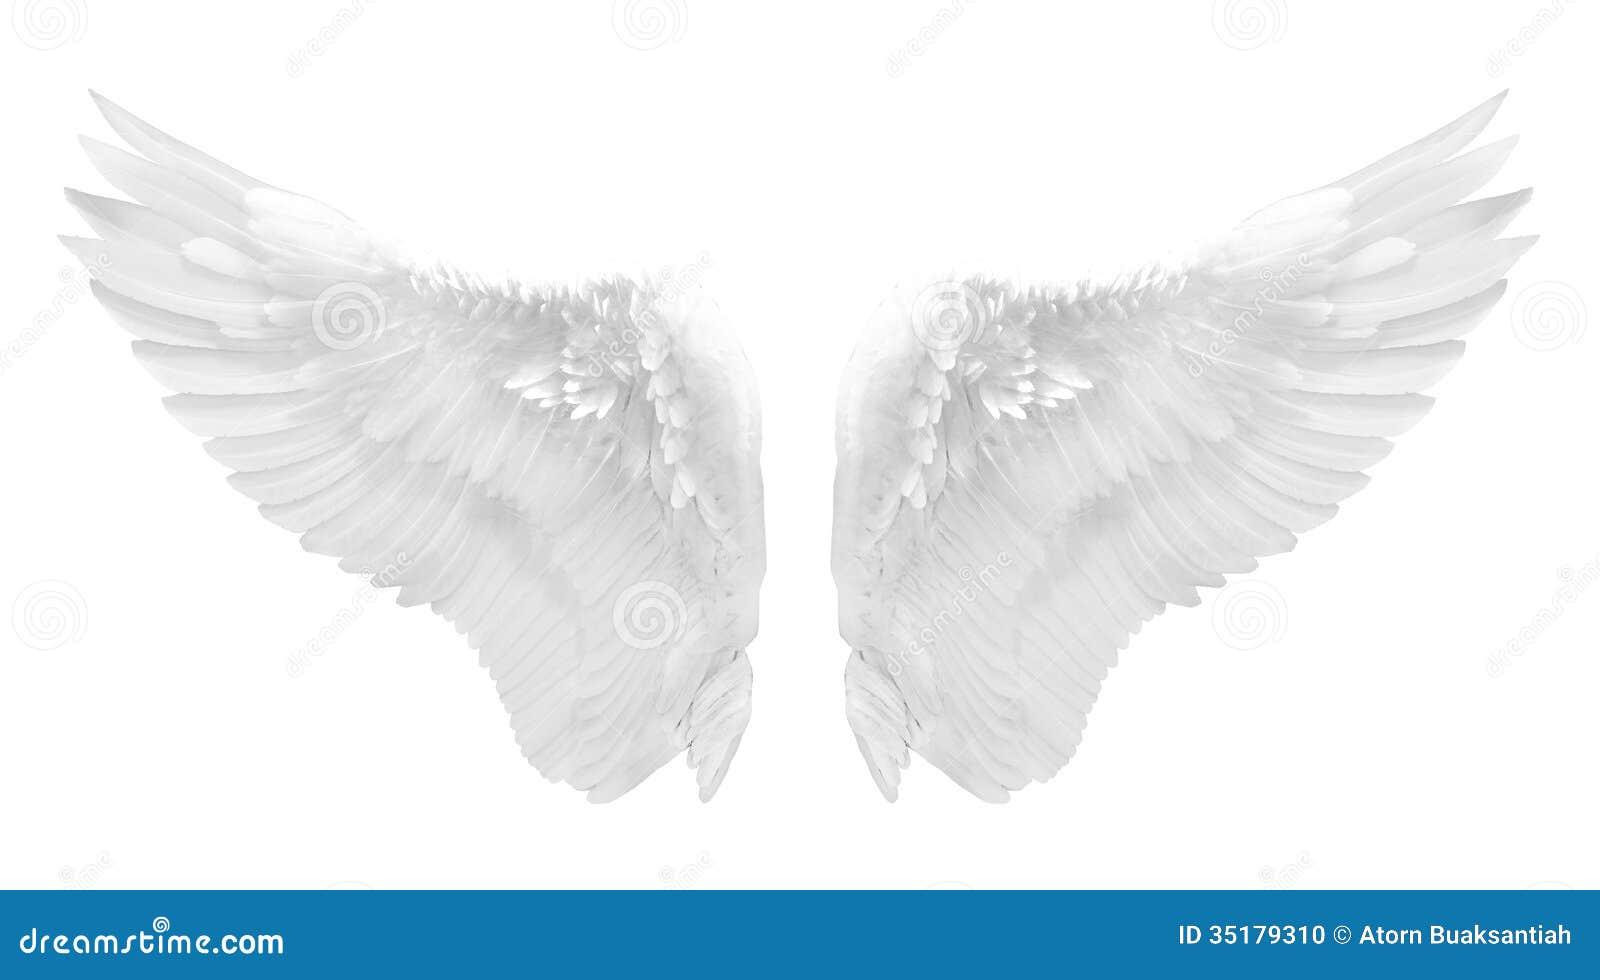 White Angel Wing Isolated Stock Photo - Image: 35179310